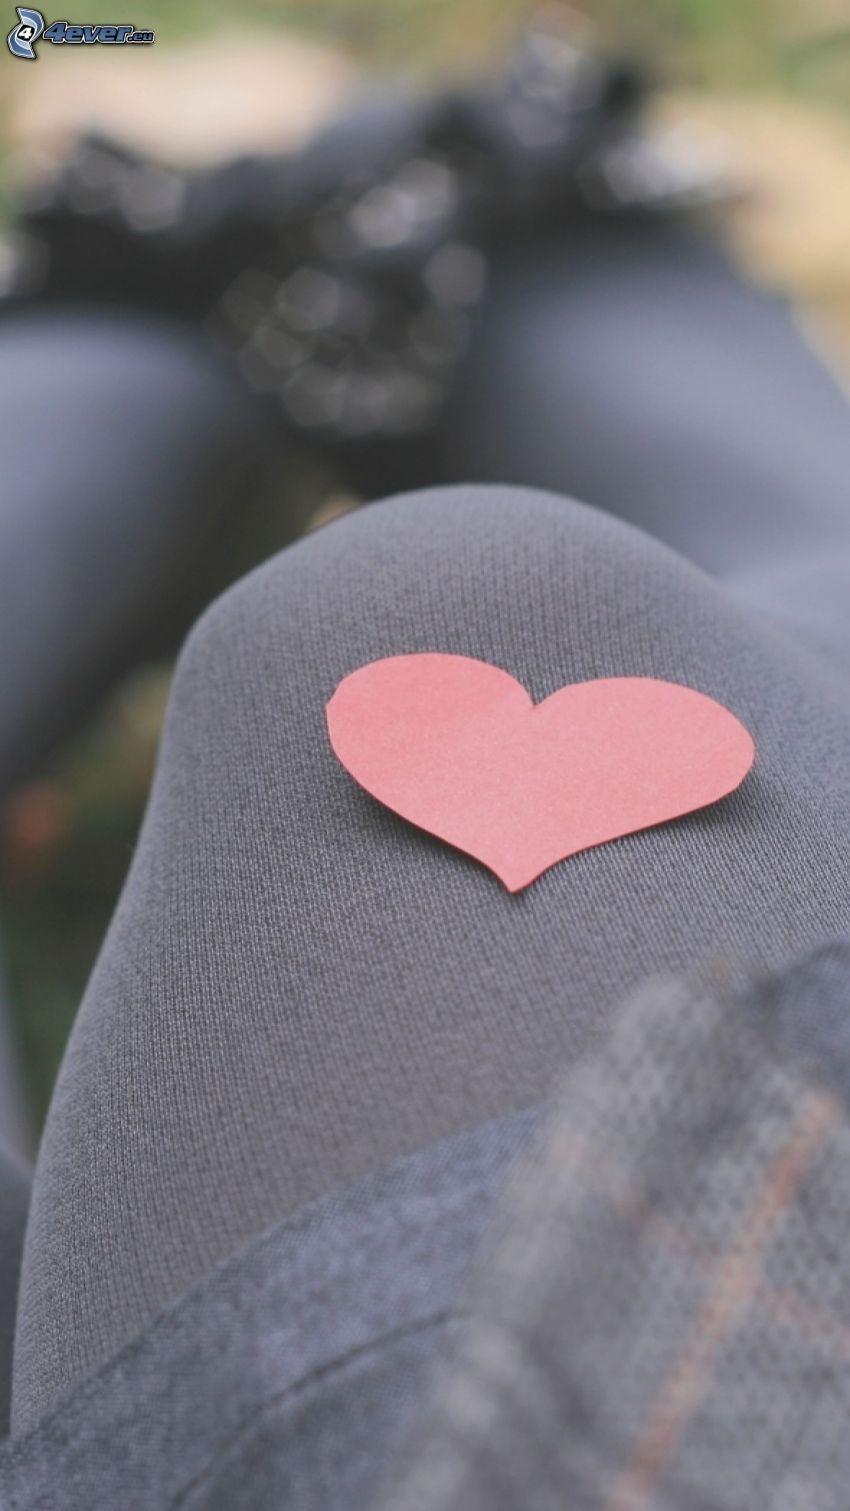 pappershjärta, fot